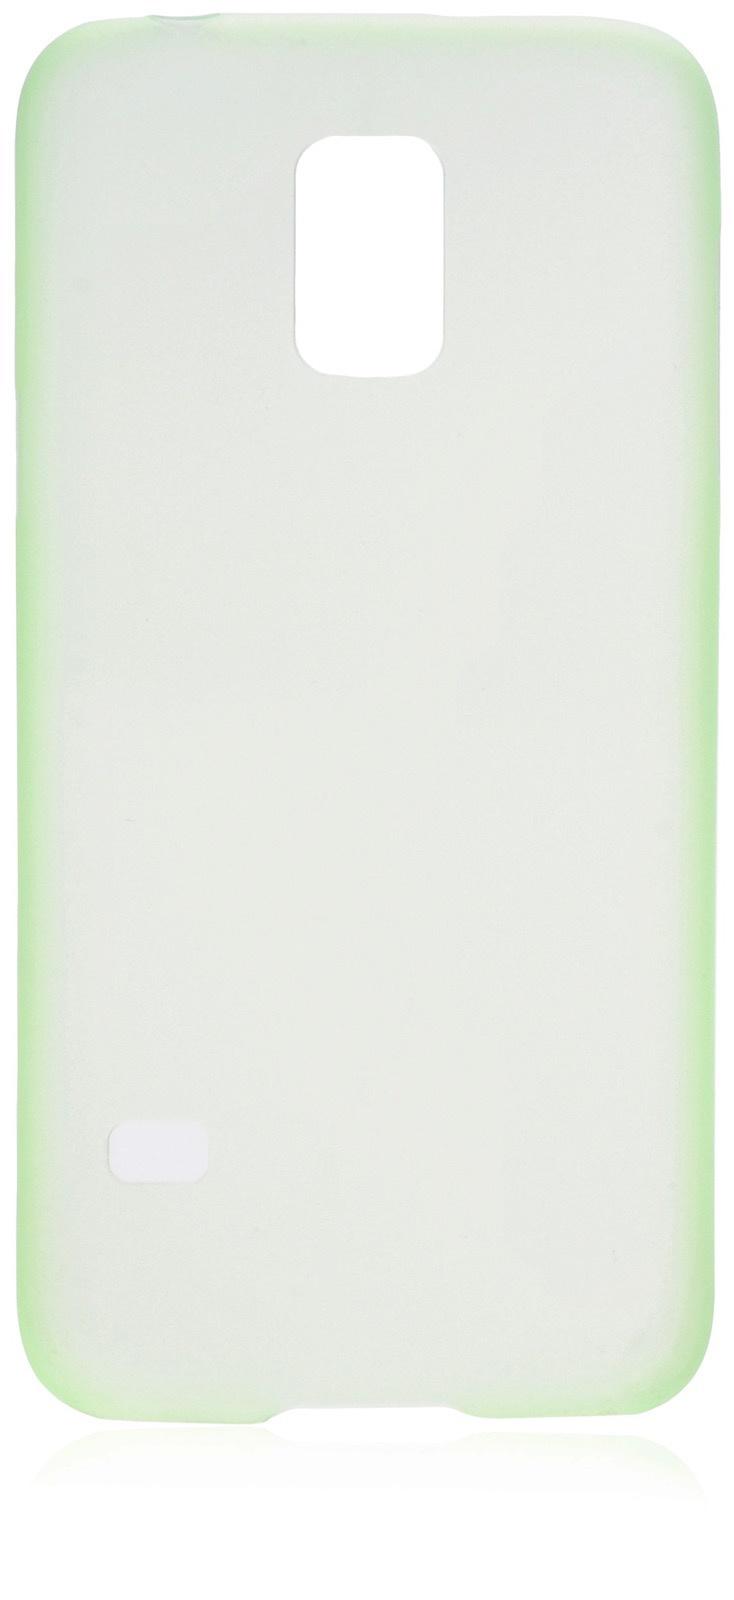 Чехол накладка iNeez пластик 0.3 мм 570005 для Samsung Galaxy S5 mini,570005, зеленый